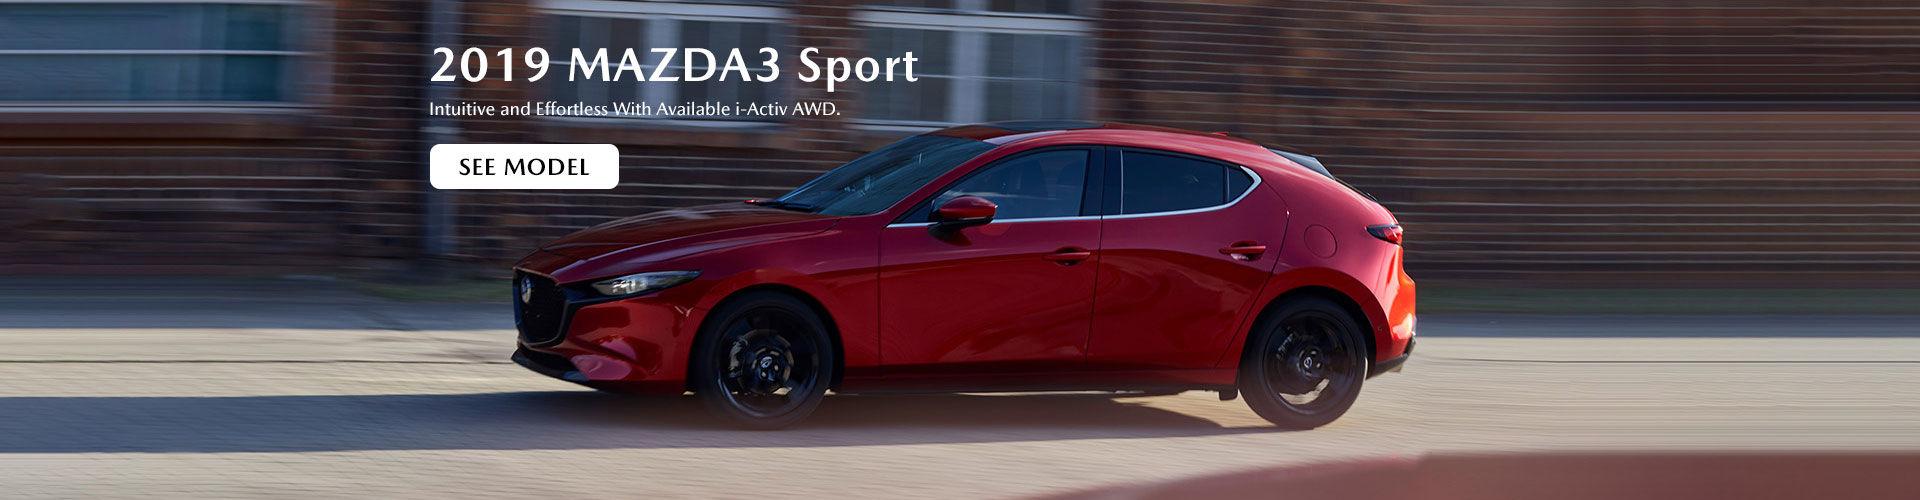 2019-06 Mazda3 Sport